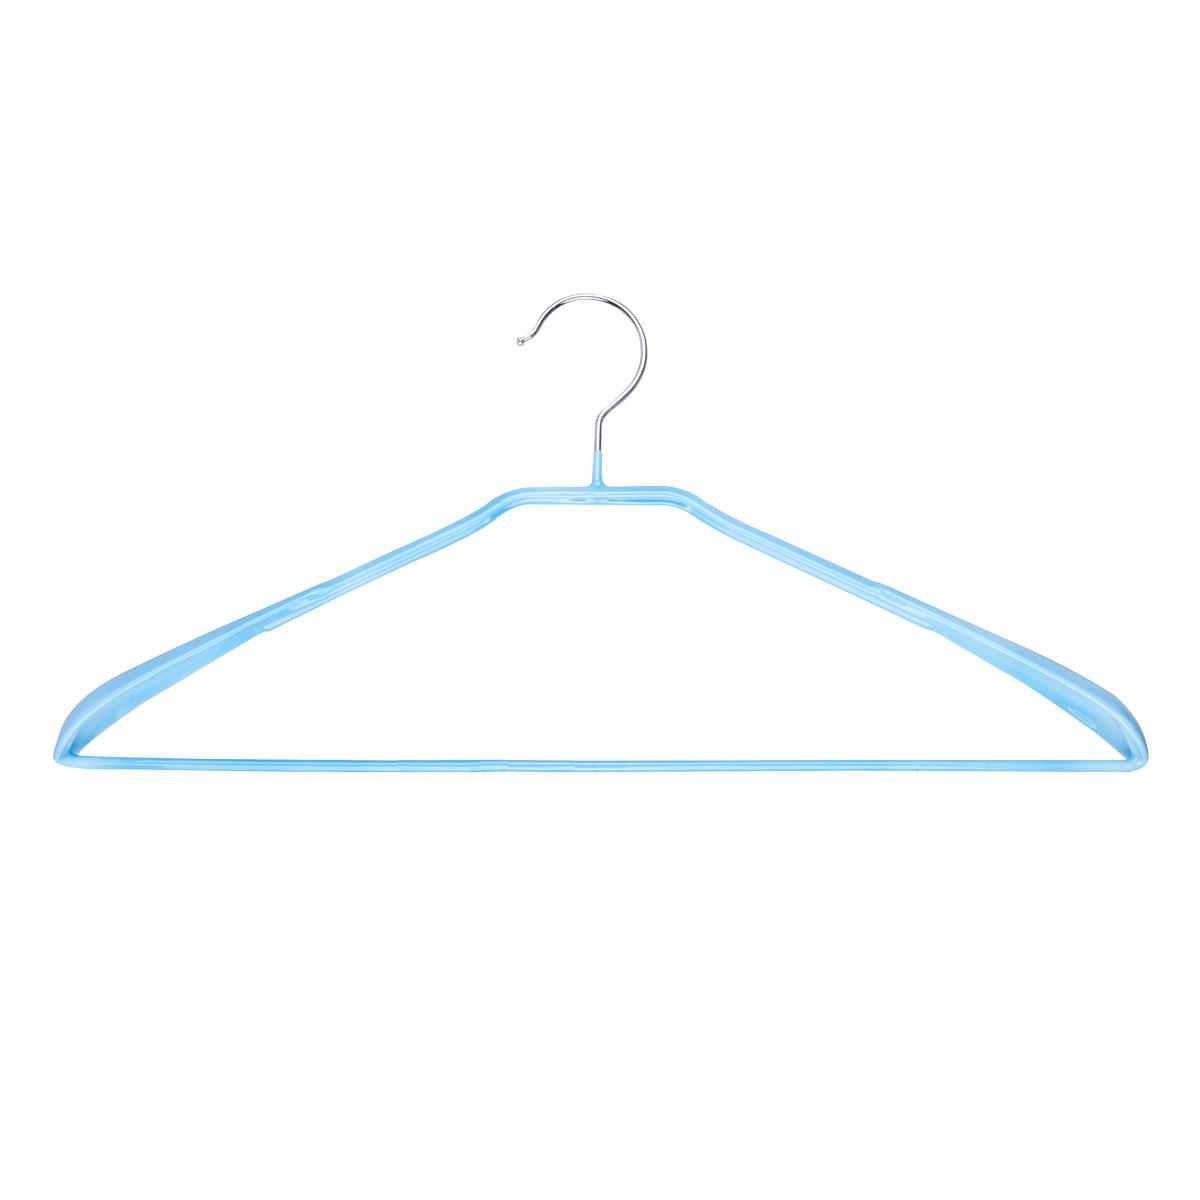 Вешалка для одежды Miolla, с расширенными плечиками, цвет: голубой, 42 х 19 х 3,5 см2511017TB2Универсальная вешалка для одежды Miolla выполнена из прочной стали. Специальное резиновое покрытие предотвращает соскальзывание одежды. Изделие оснащено перекладиной для брюк и расширенными плечиками.Вешалка - это незаменимая вещь для того, чтобы ваша одежда всегда оставалась в хорошем состоянии.